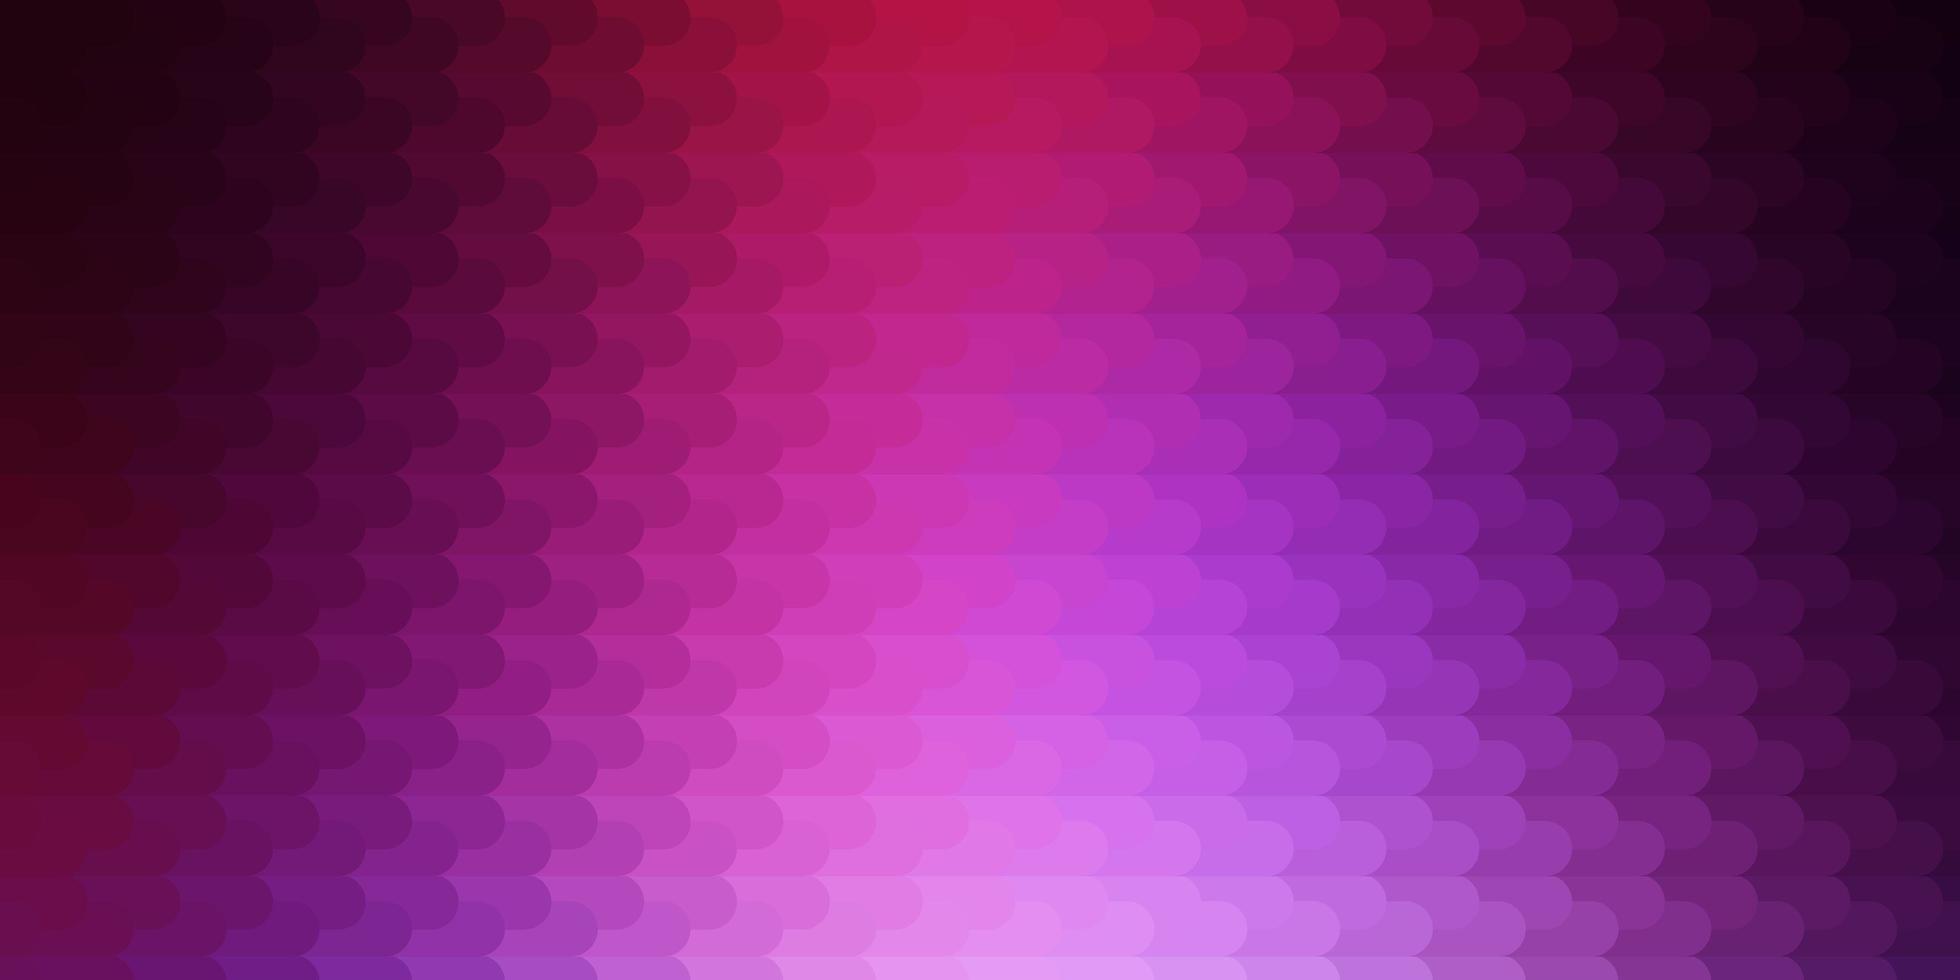 fundo vector azul, vermelho claro com linhas.